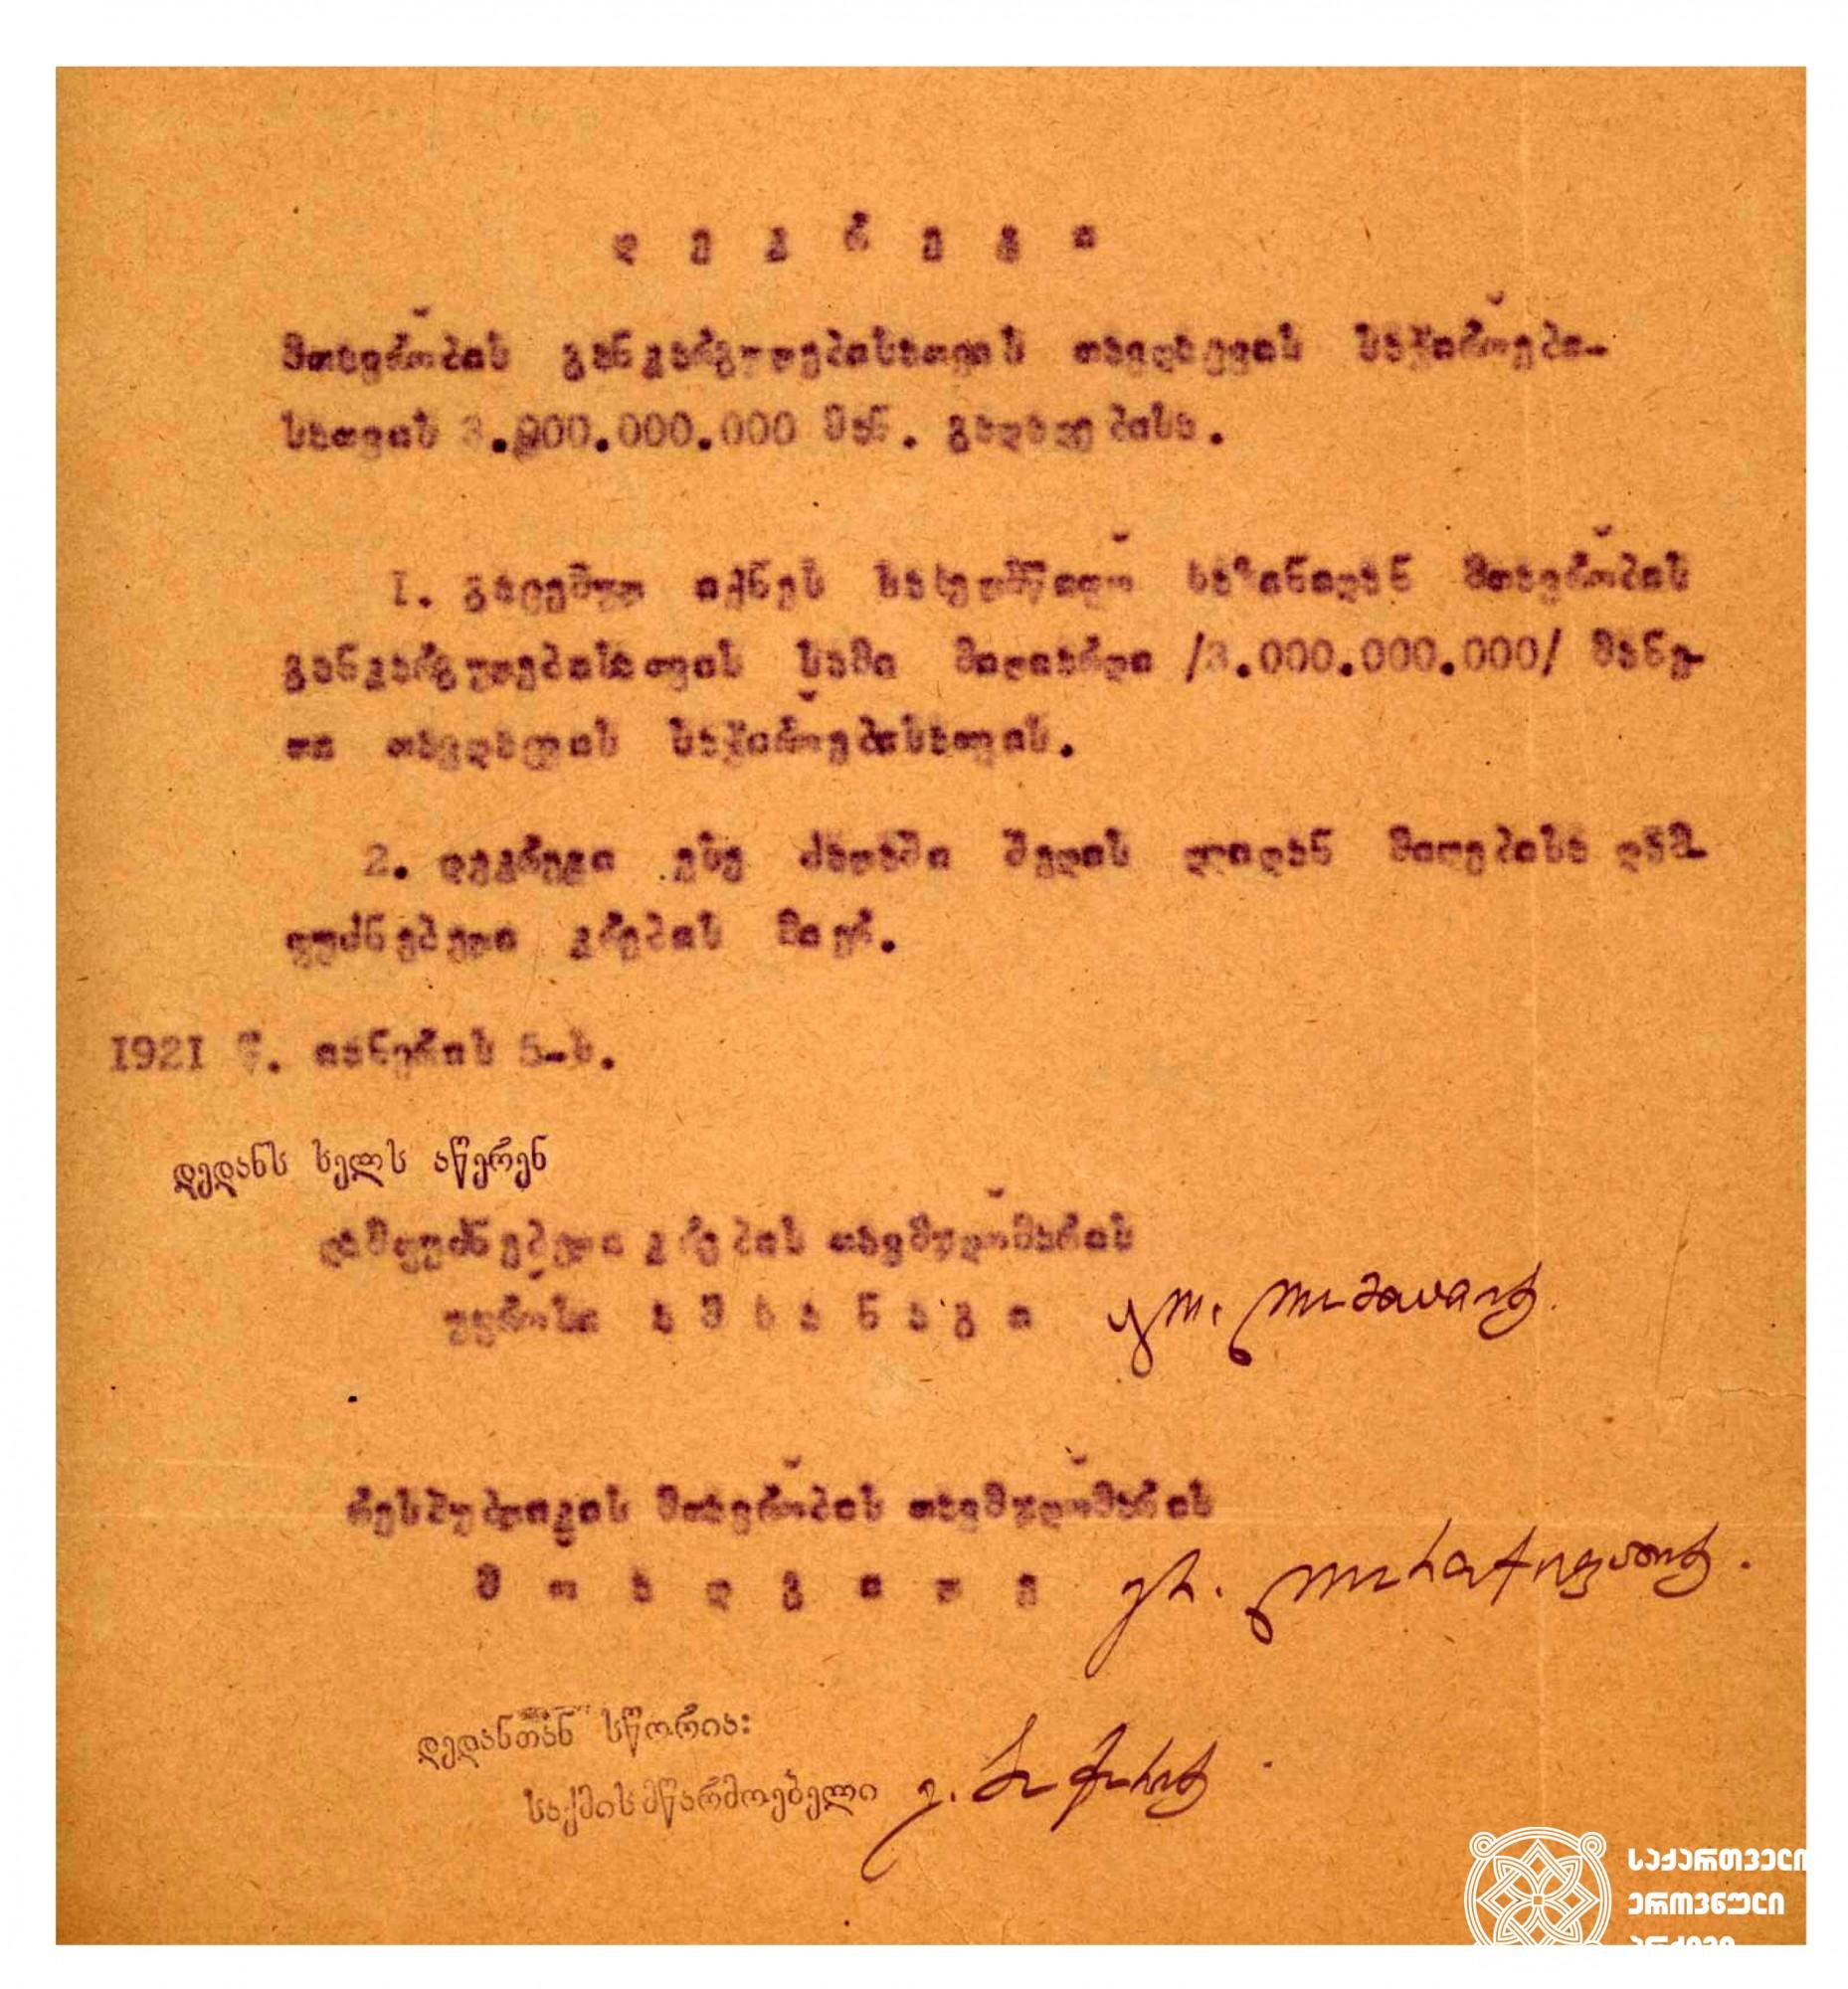 საქართველოს დამფუძნებელი კრების მიერ 1921 წლის 5 იანვარს მიღებული დეკრეტი თავდაცვის საჭიროებისთვის 3 მილიარდი მანეთის გამოყოფის შესახებ. <br> The Decree adopted by the Constituent Assembly of Georgia on January 5, 1921 on the allocation of 3 billion roubles for defense needs.